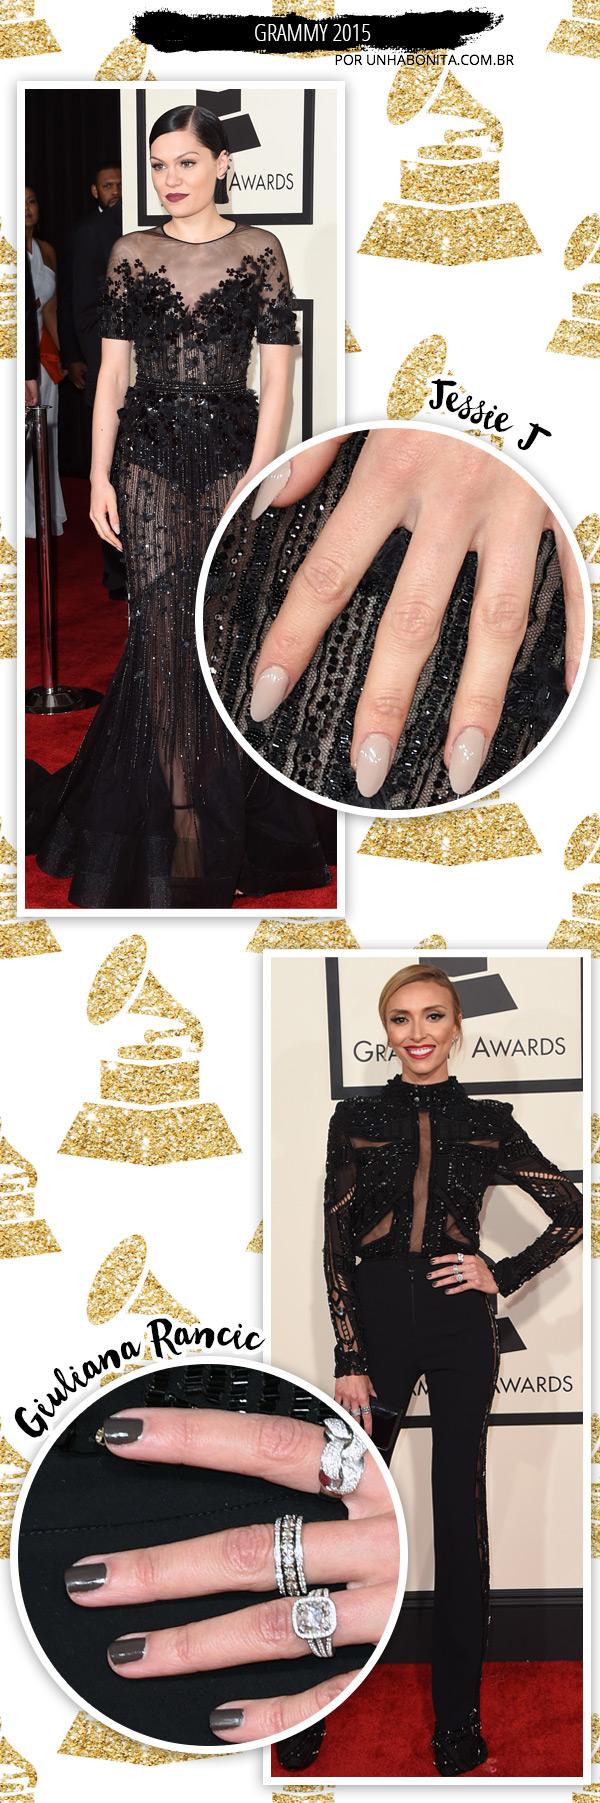 Giuliana-Rancic-jessie-j-grammy-2015-manicure